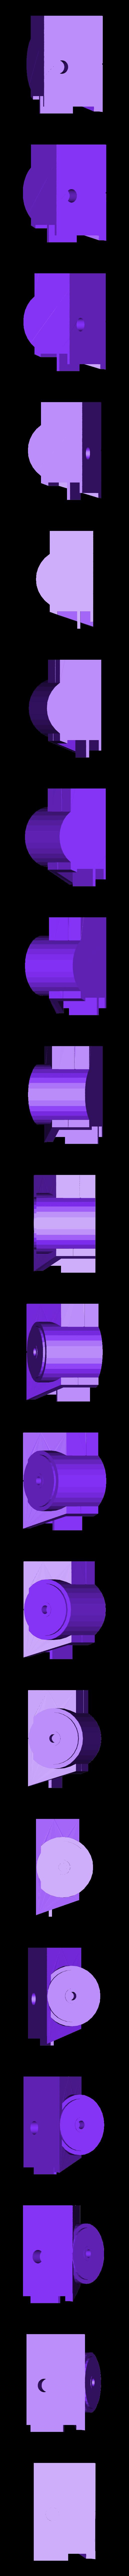 Rear_FrontLower_B.stl Télécharger fichier STL gratuit Frégate Nebulon B (coupée et sectionnée) • Modèle pour impression 3D, Masterkookus